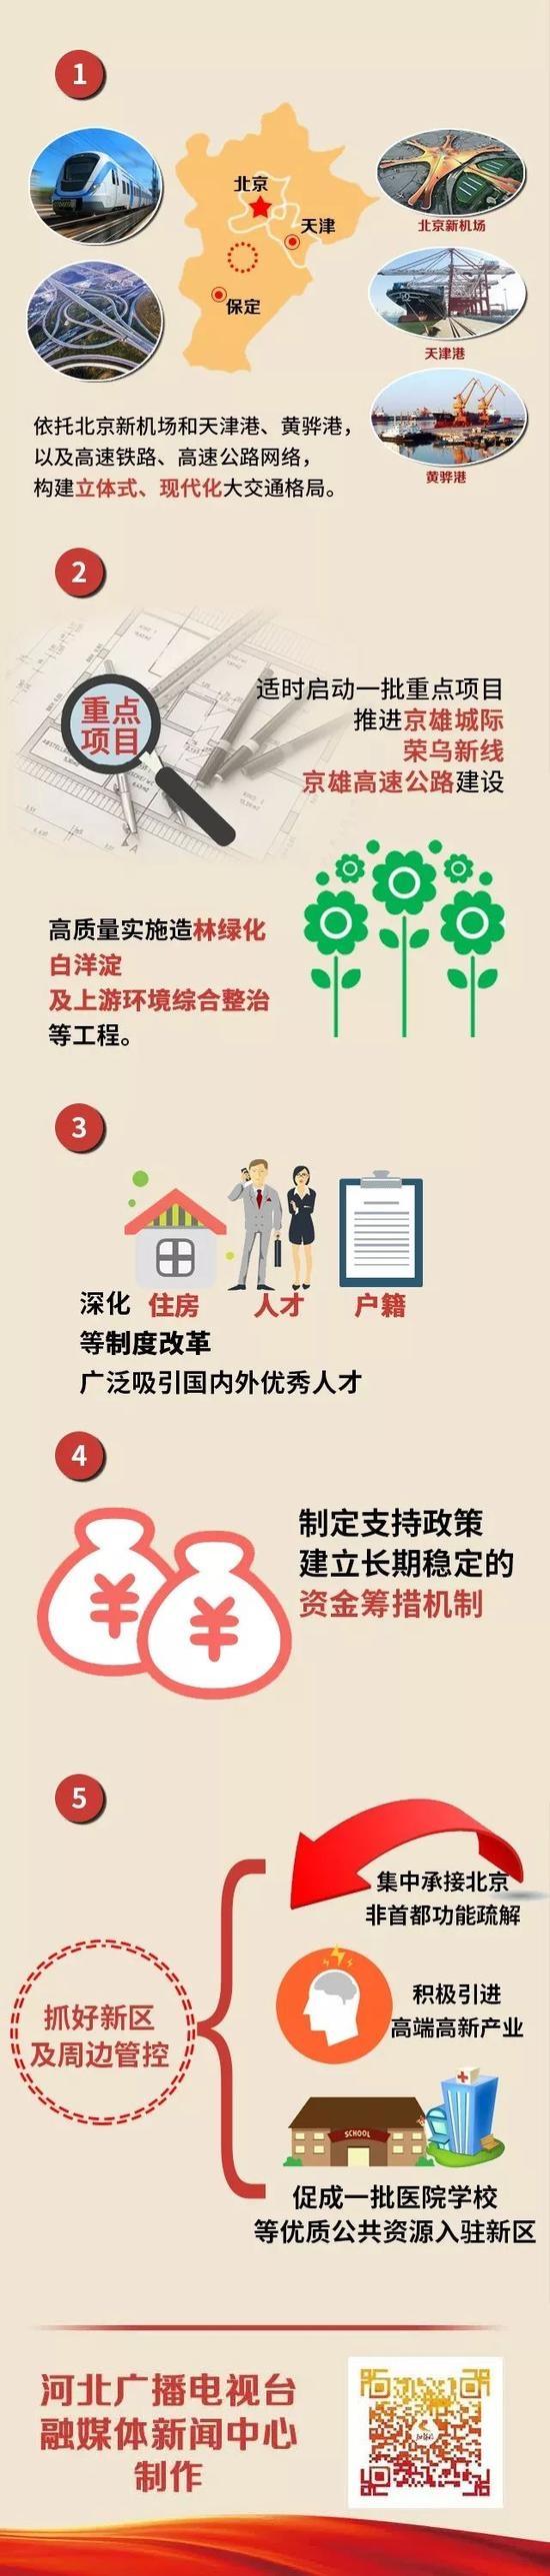 一图读懂雄安新区怎么建 京雄城际铁路3月开工